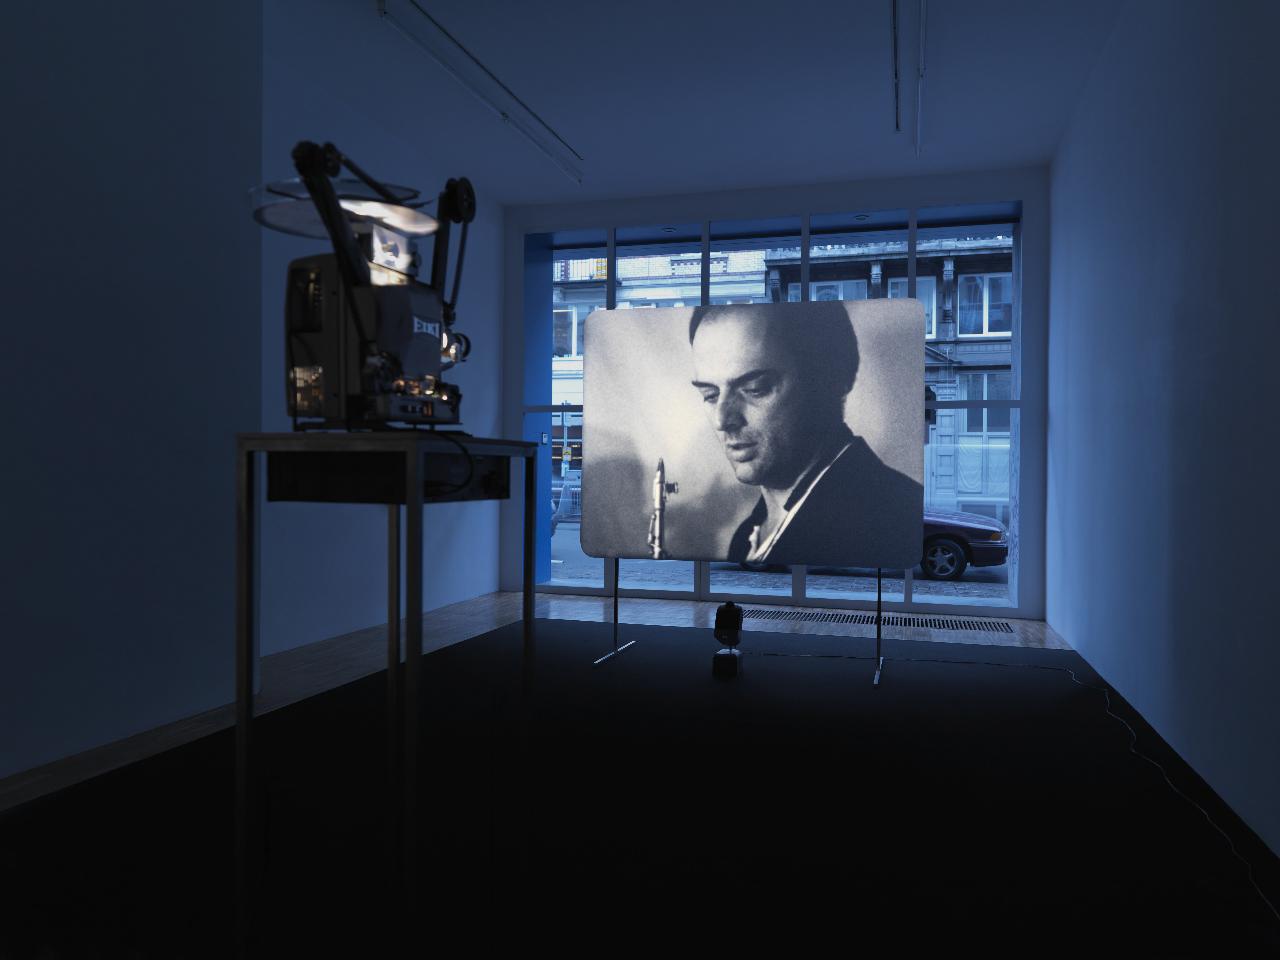 Manon de Boer, installation view at Jan Mot, 2008